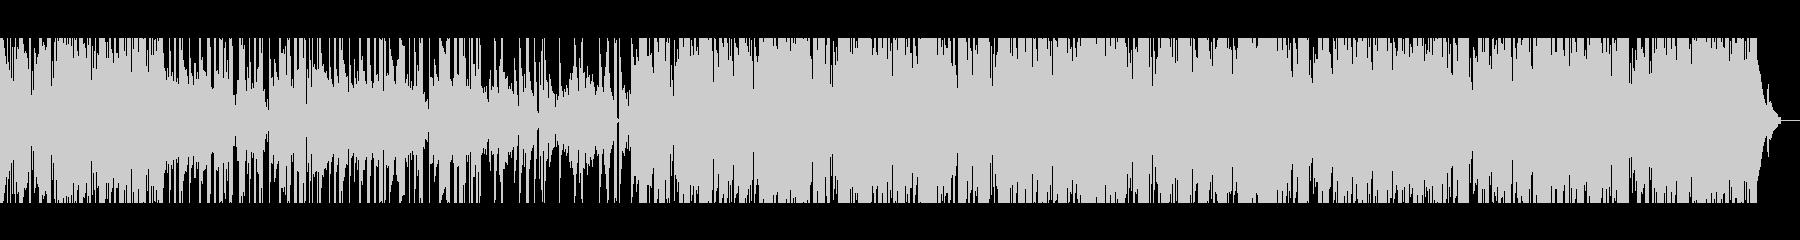 【短いVer3】80年代風洋楽バラードの未再生の波形